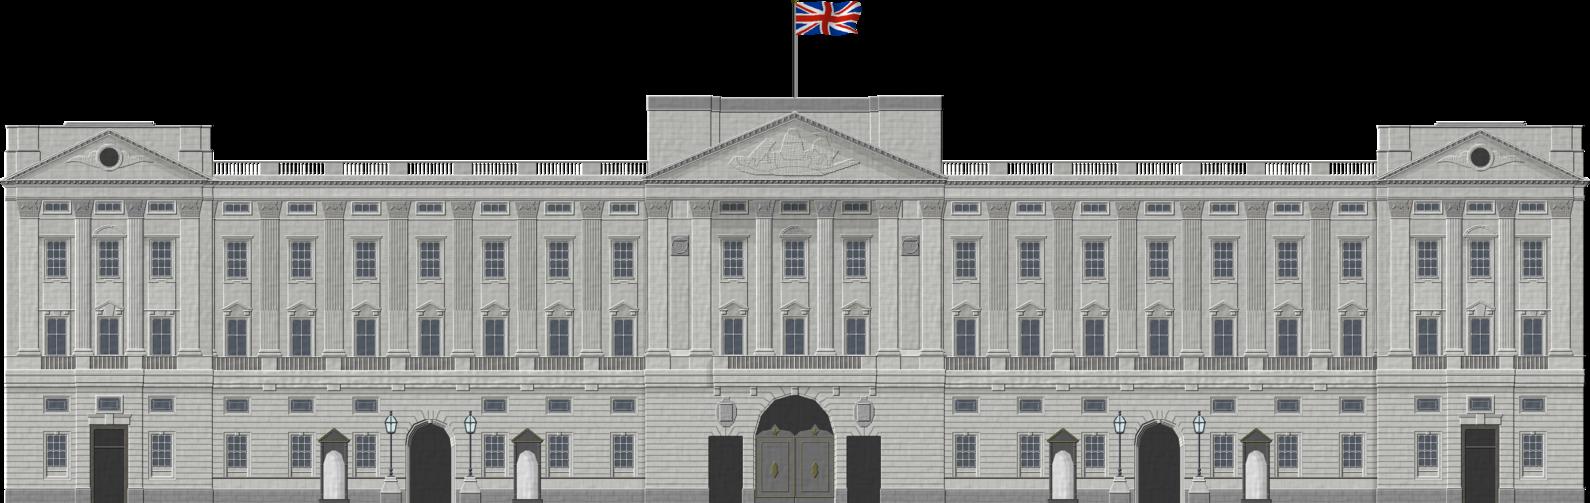 Buckingham Palace by Herbertrocha on DeviantArt.